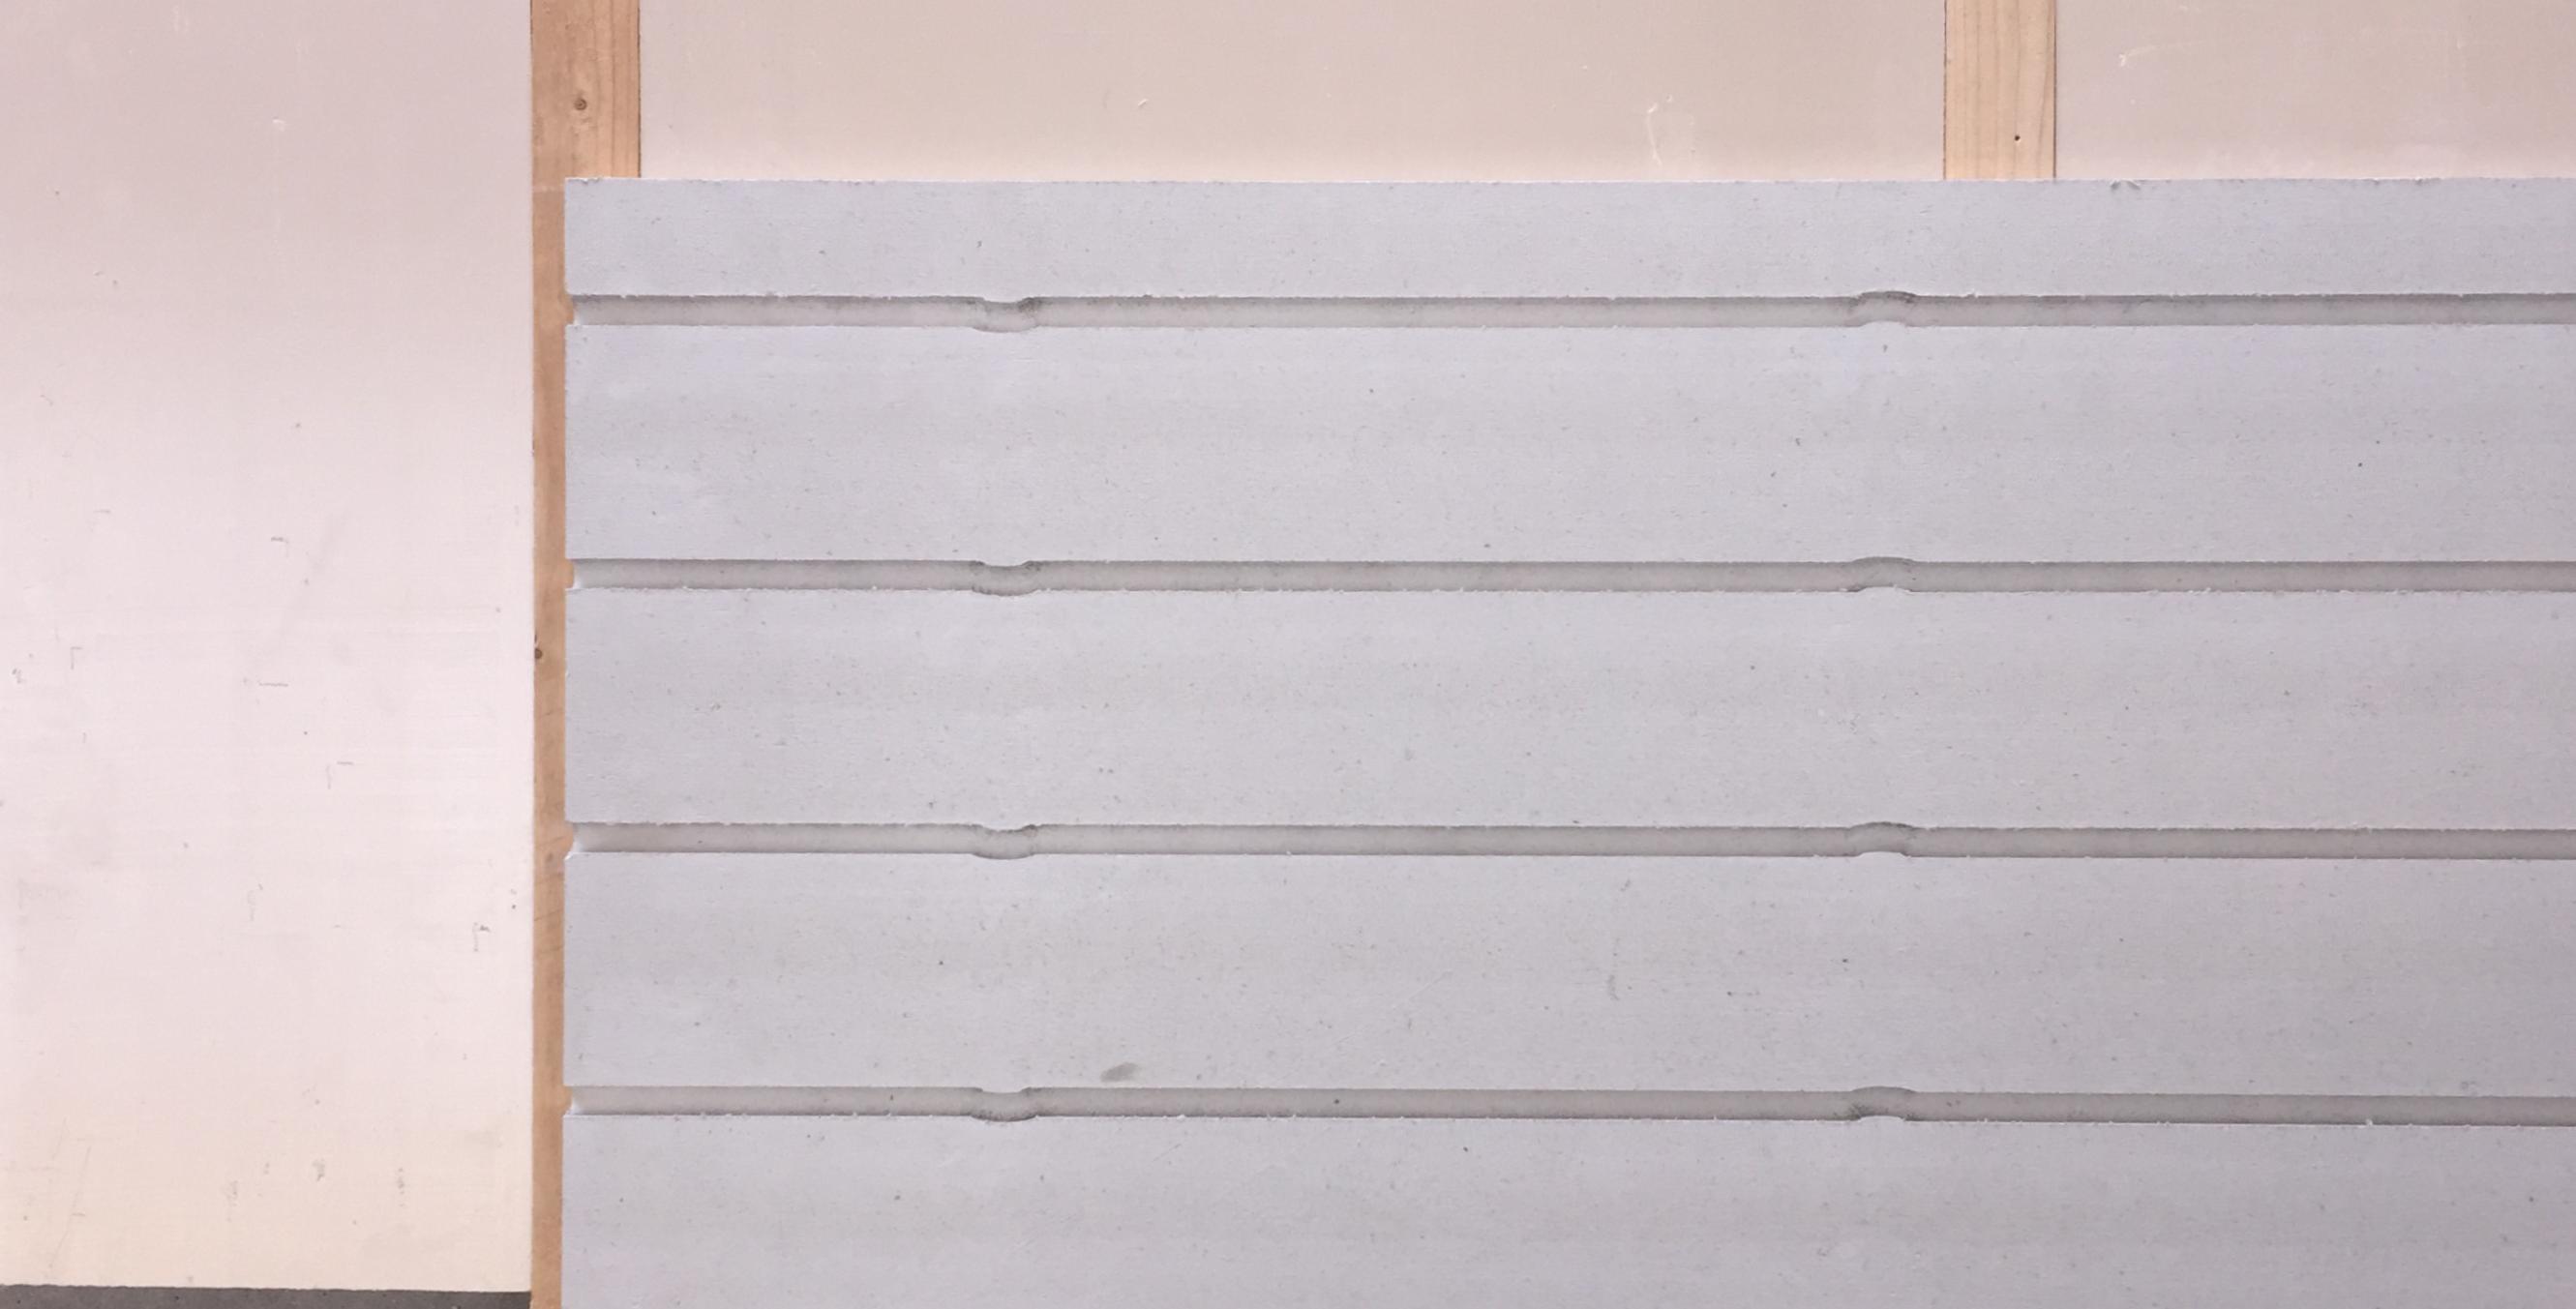 Pose mur chauffant avec tasseaux verticaux avec un pas de 40 cm